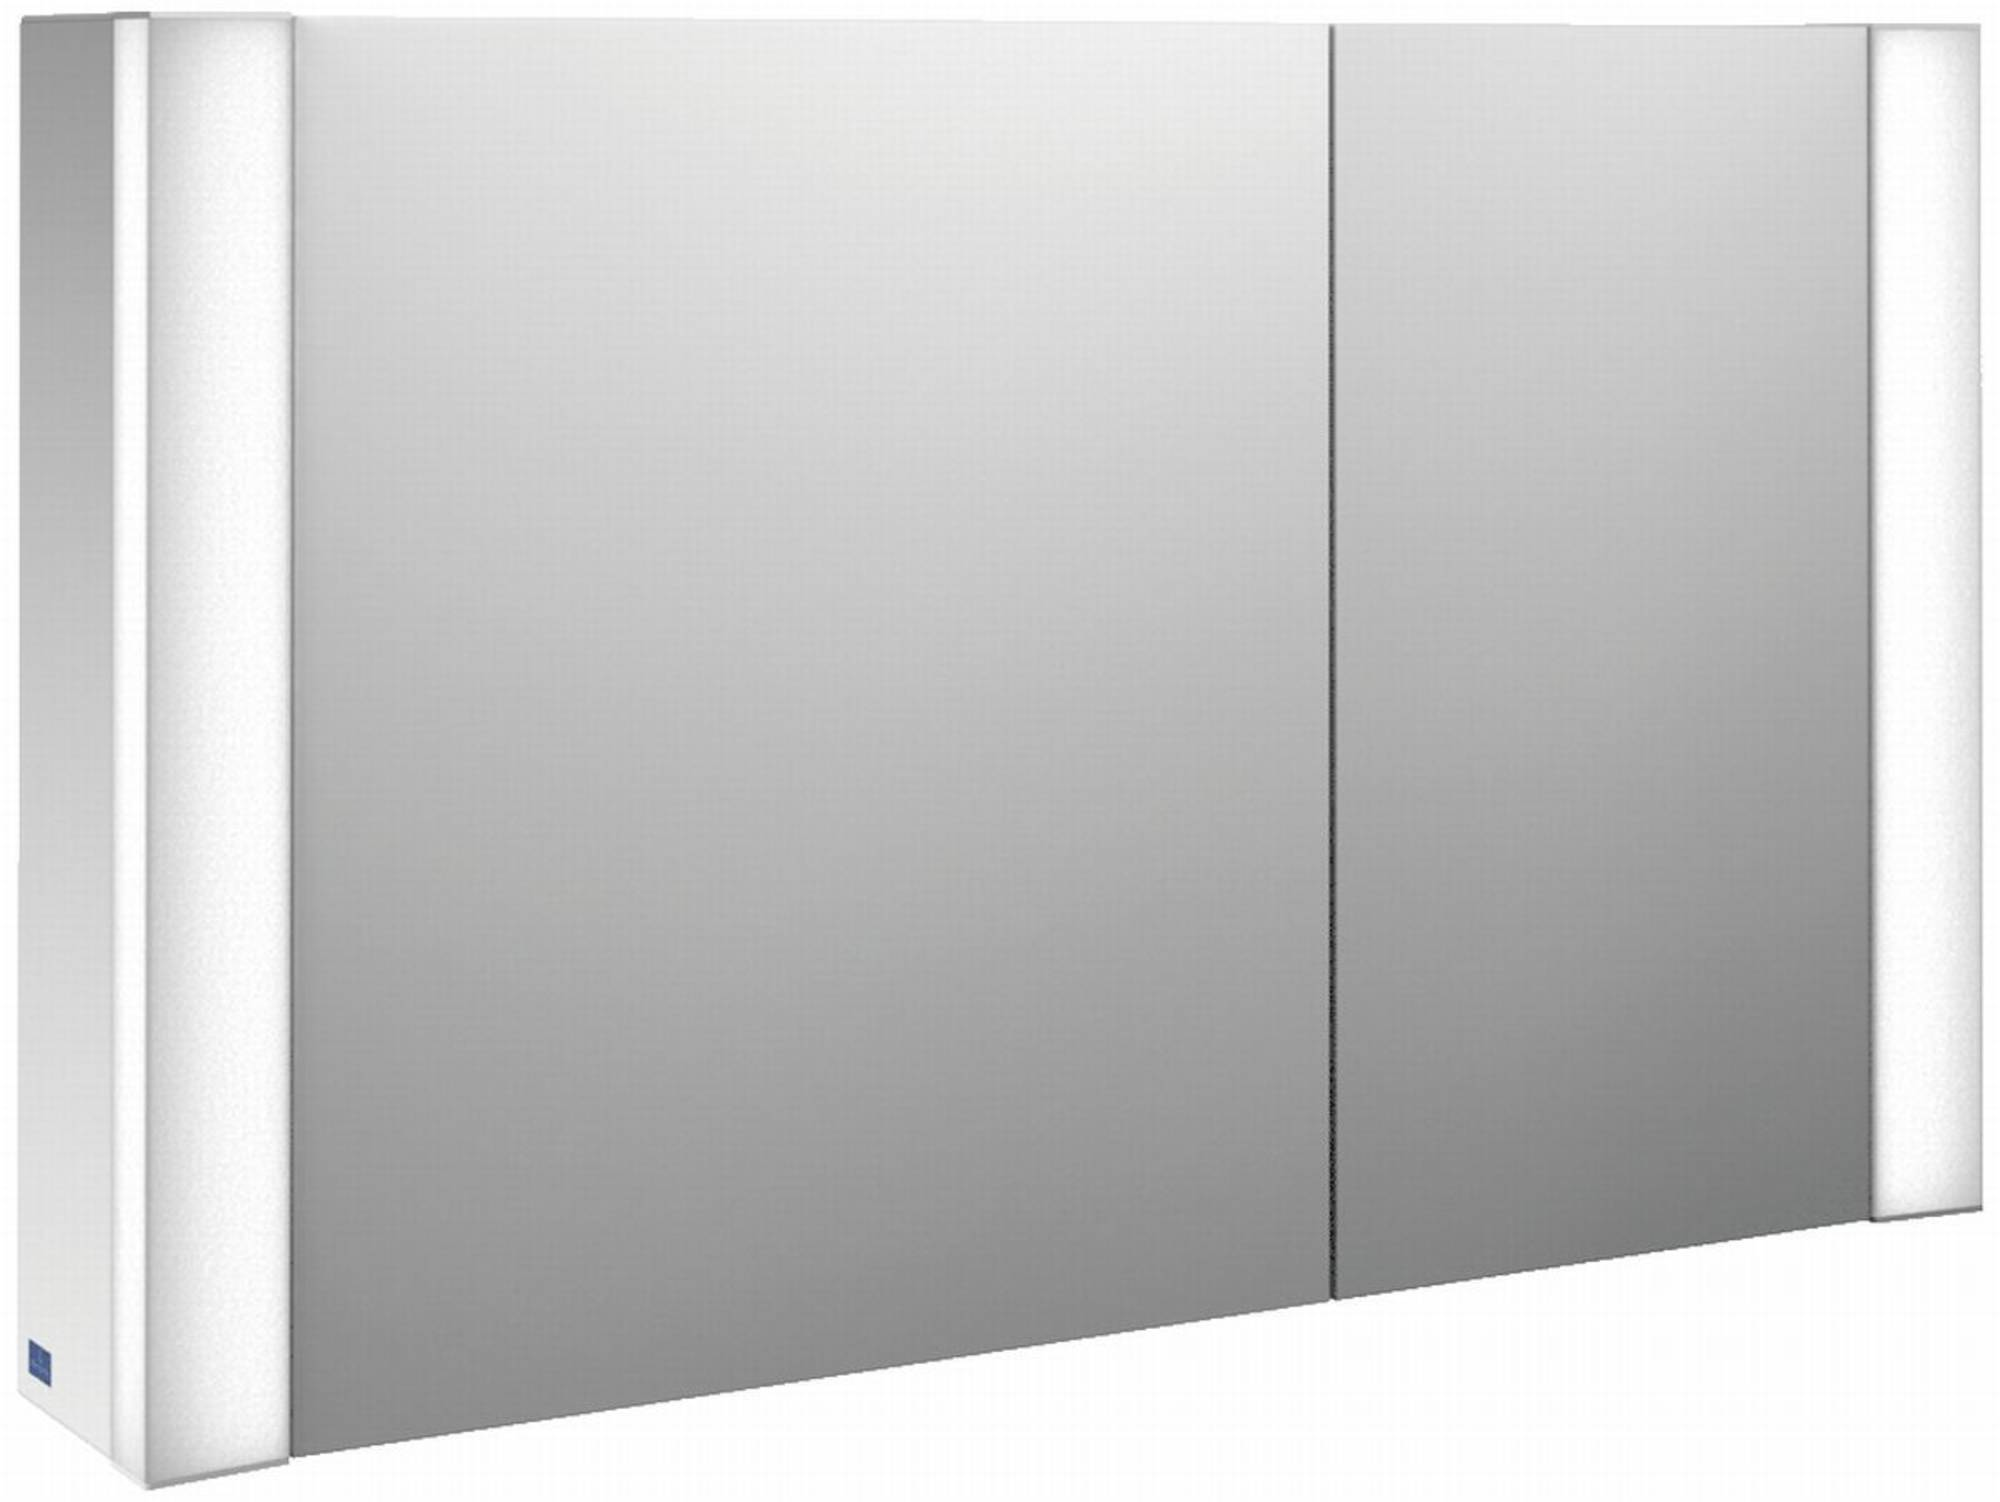 Villeroy&Boch My View spiegelkast 100 cm 2xdeur m/led m/vergrootspiegel Glossy Wit